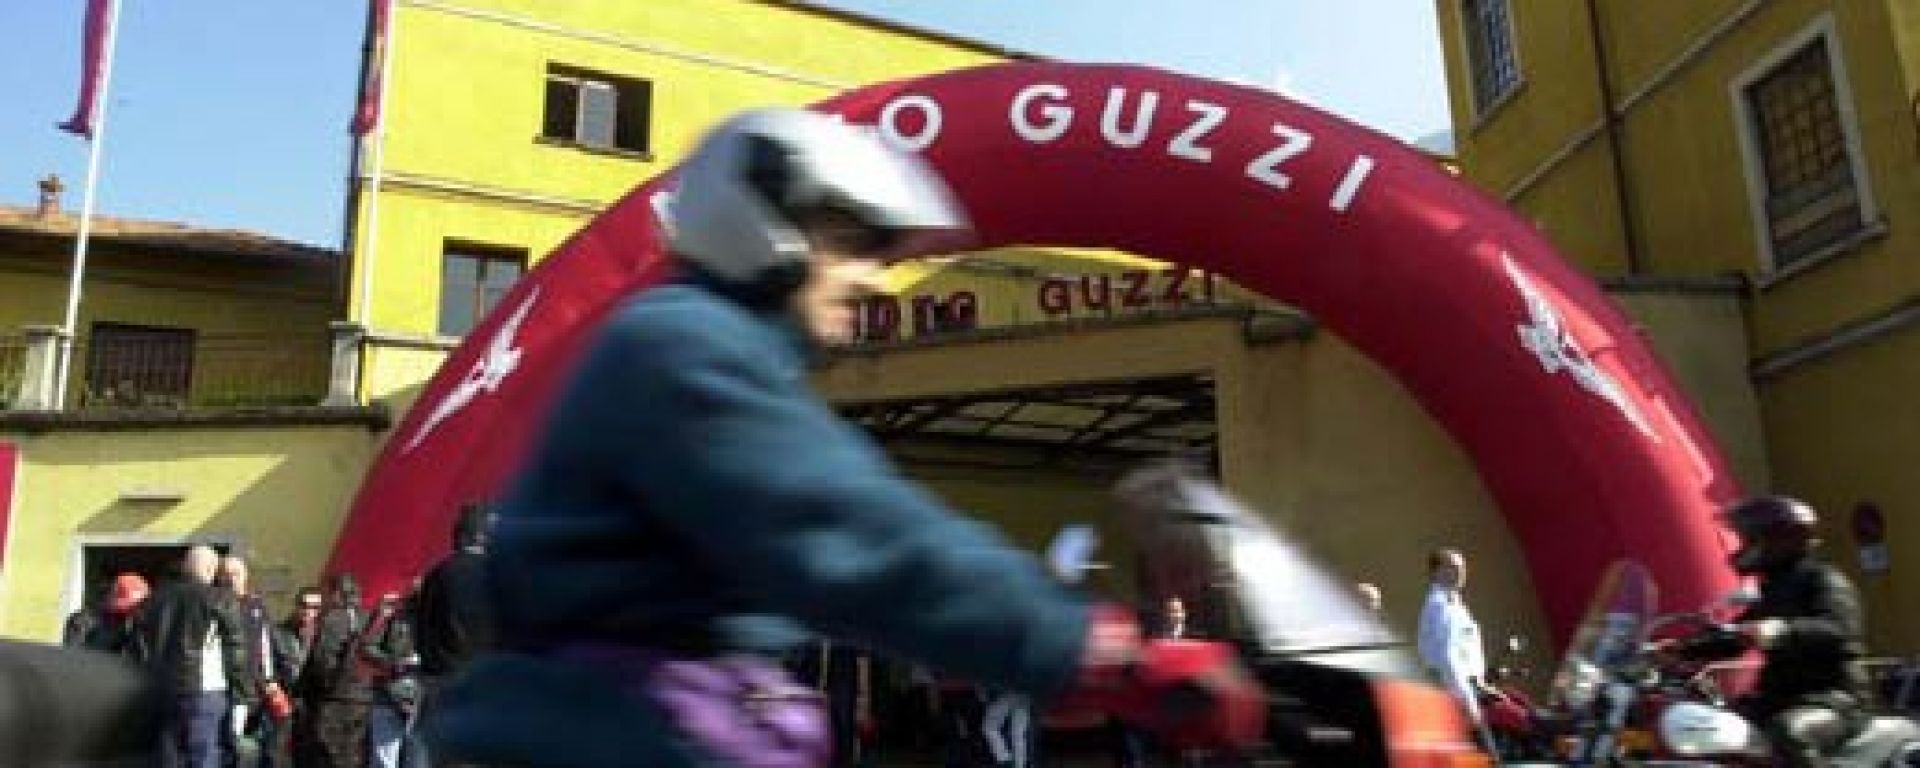 GMG: Giornate Mondiali Guzzi